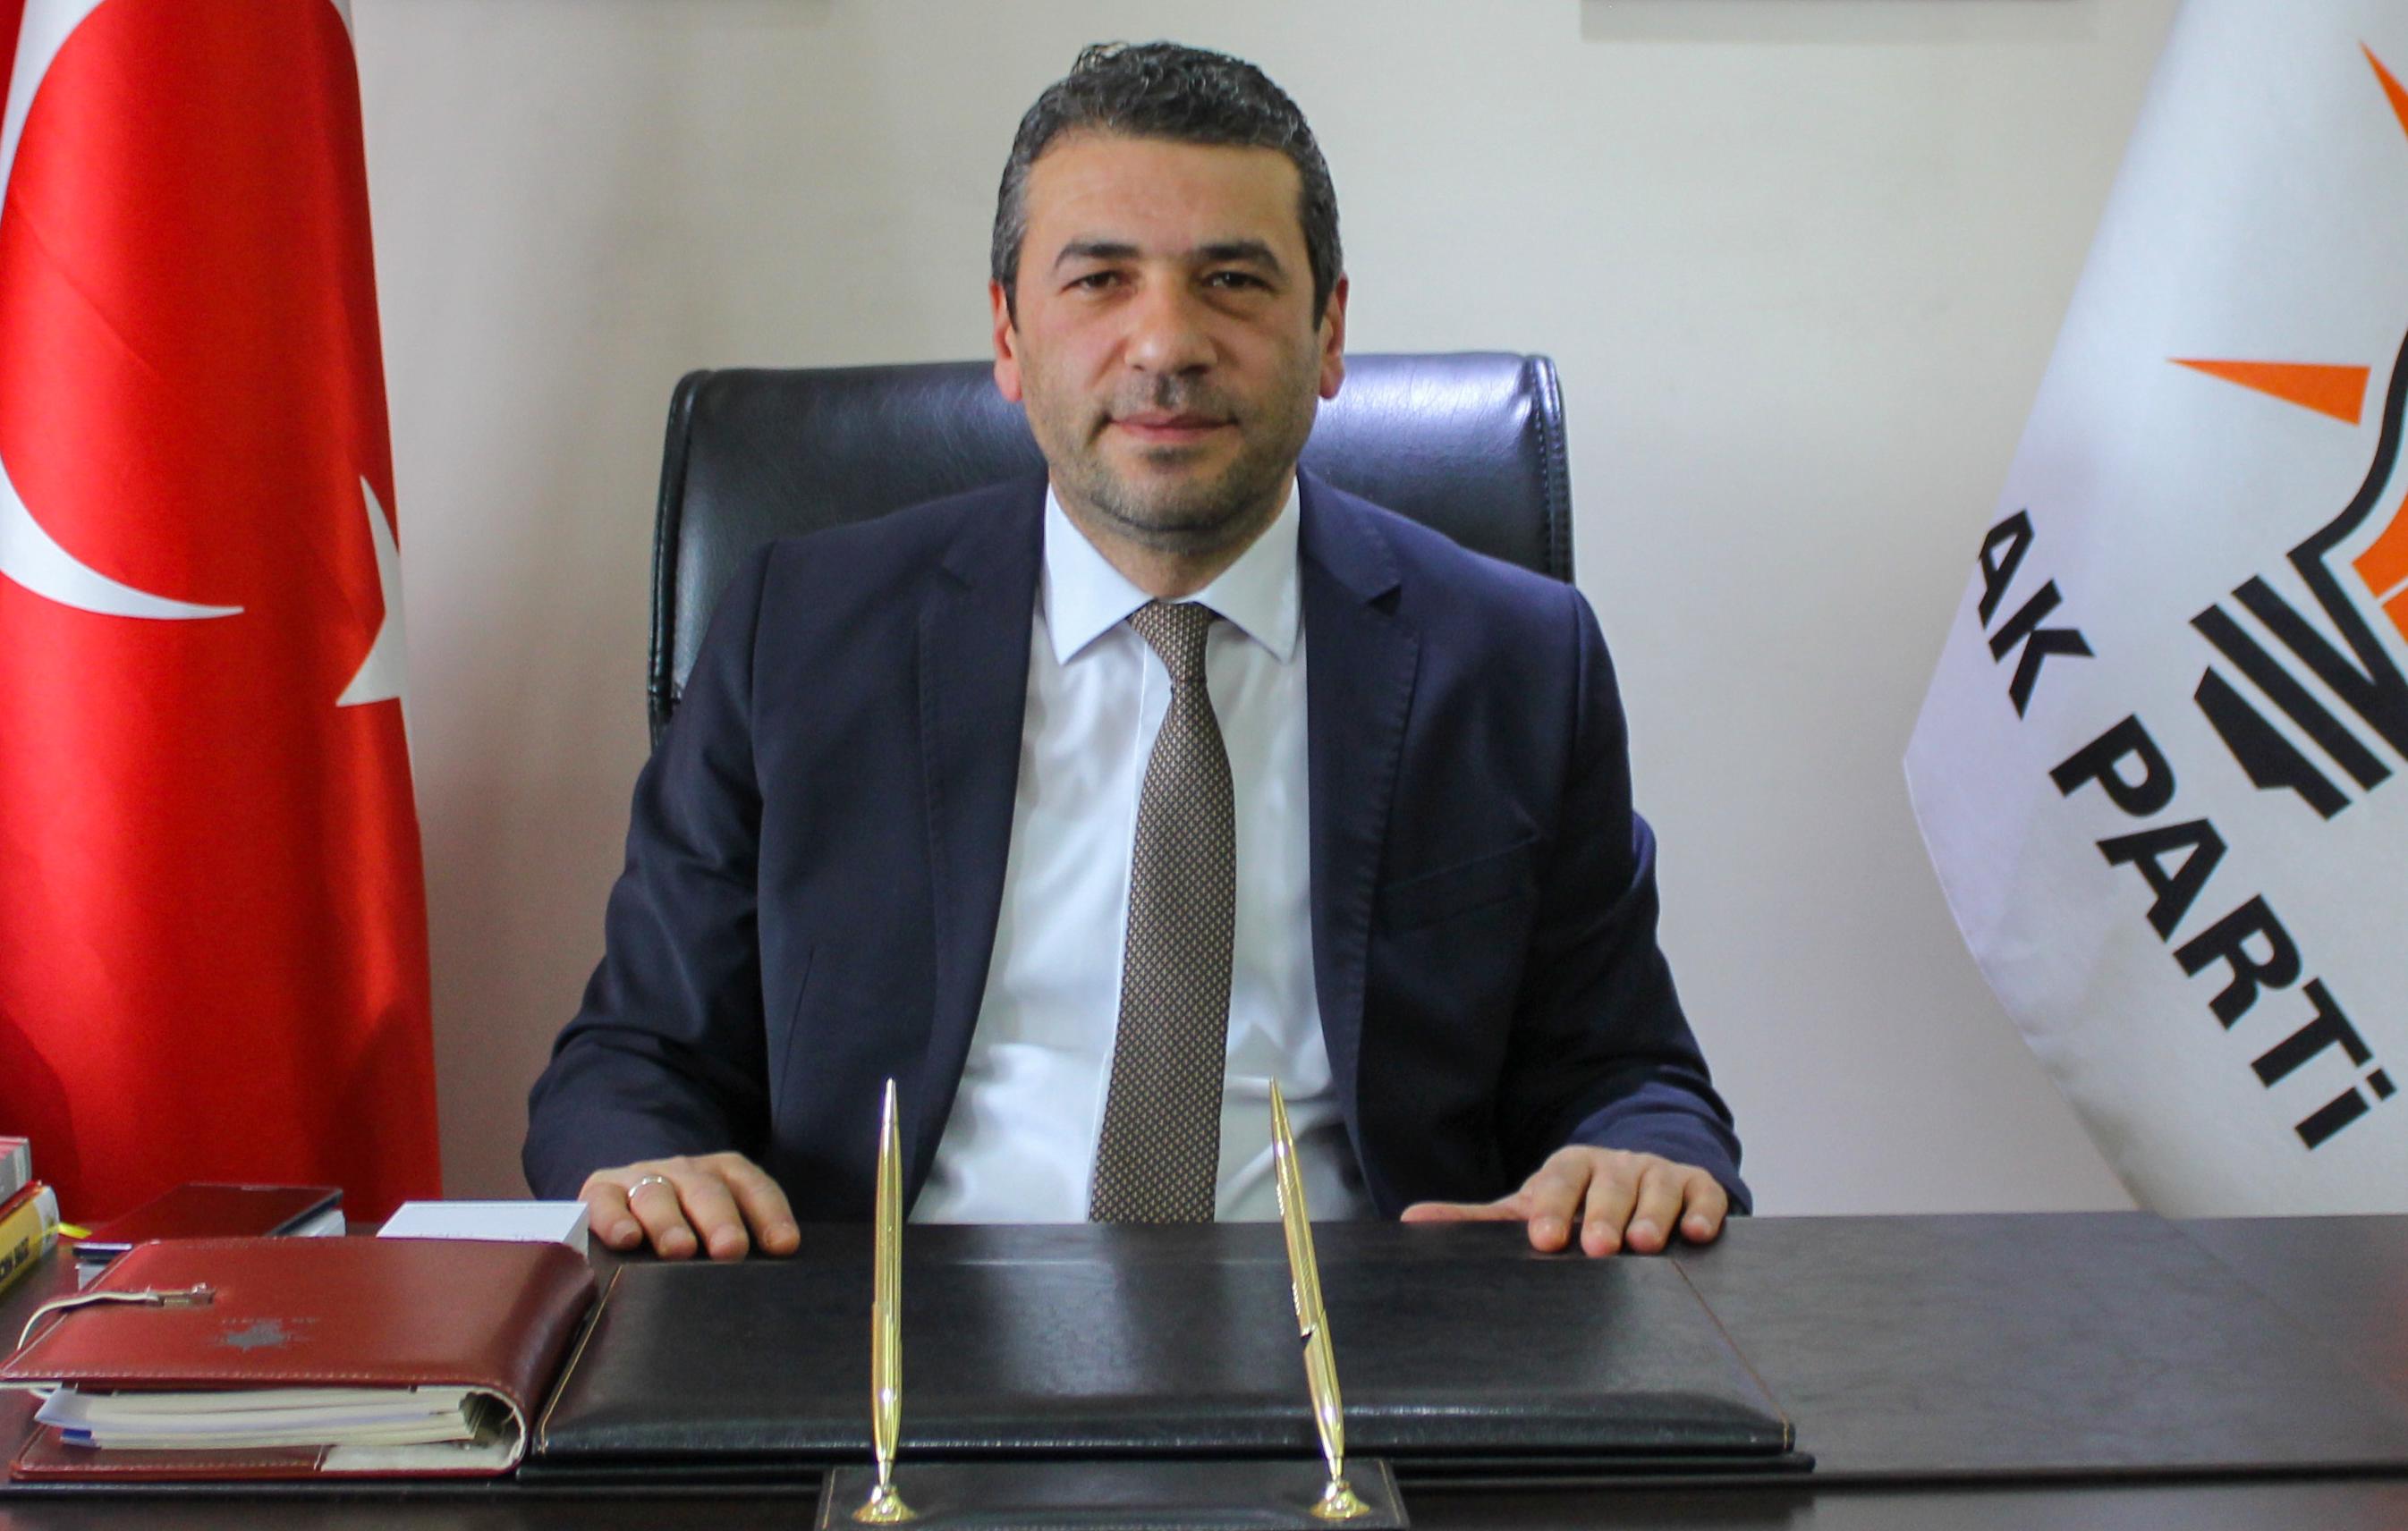 Cumhurbaşkanı Recep Tayyip Erdoğan 13 Nisan'da Giresun'a Gelecek